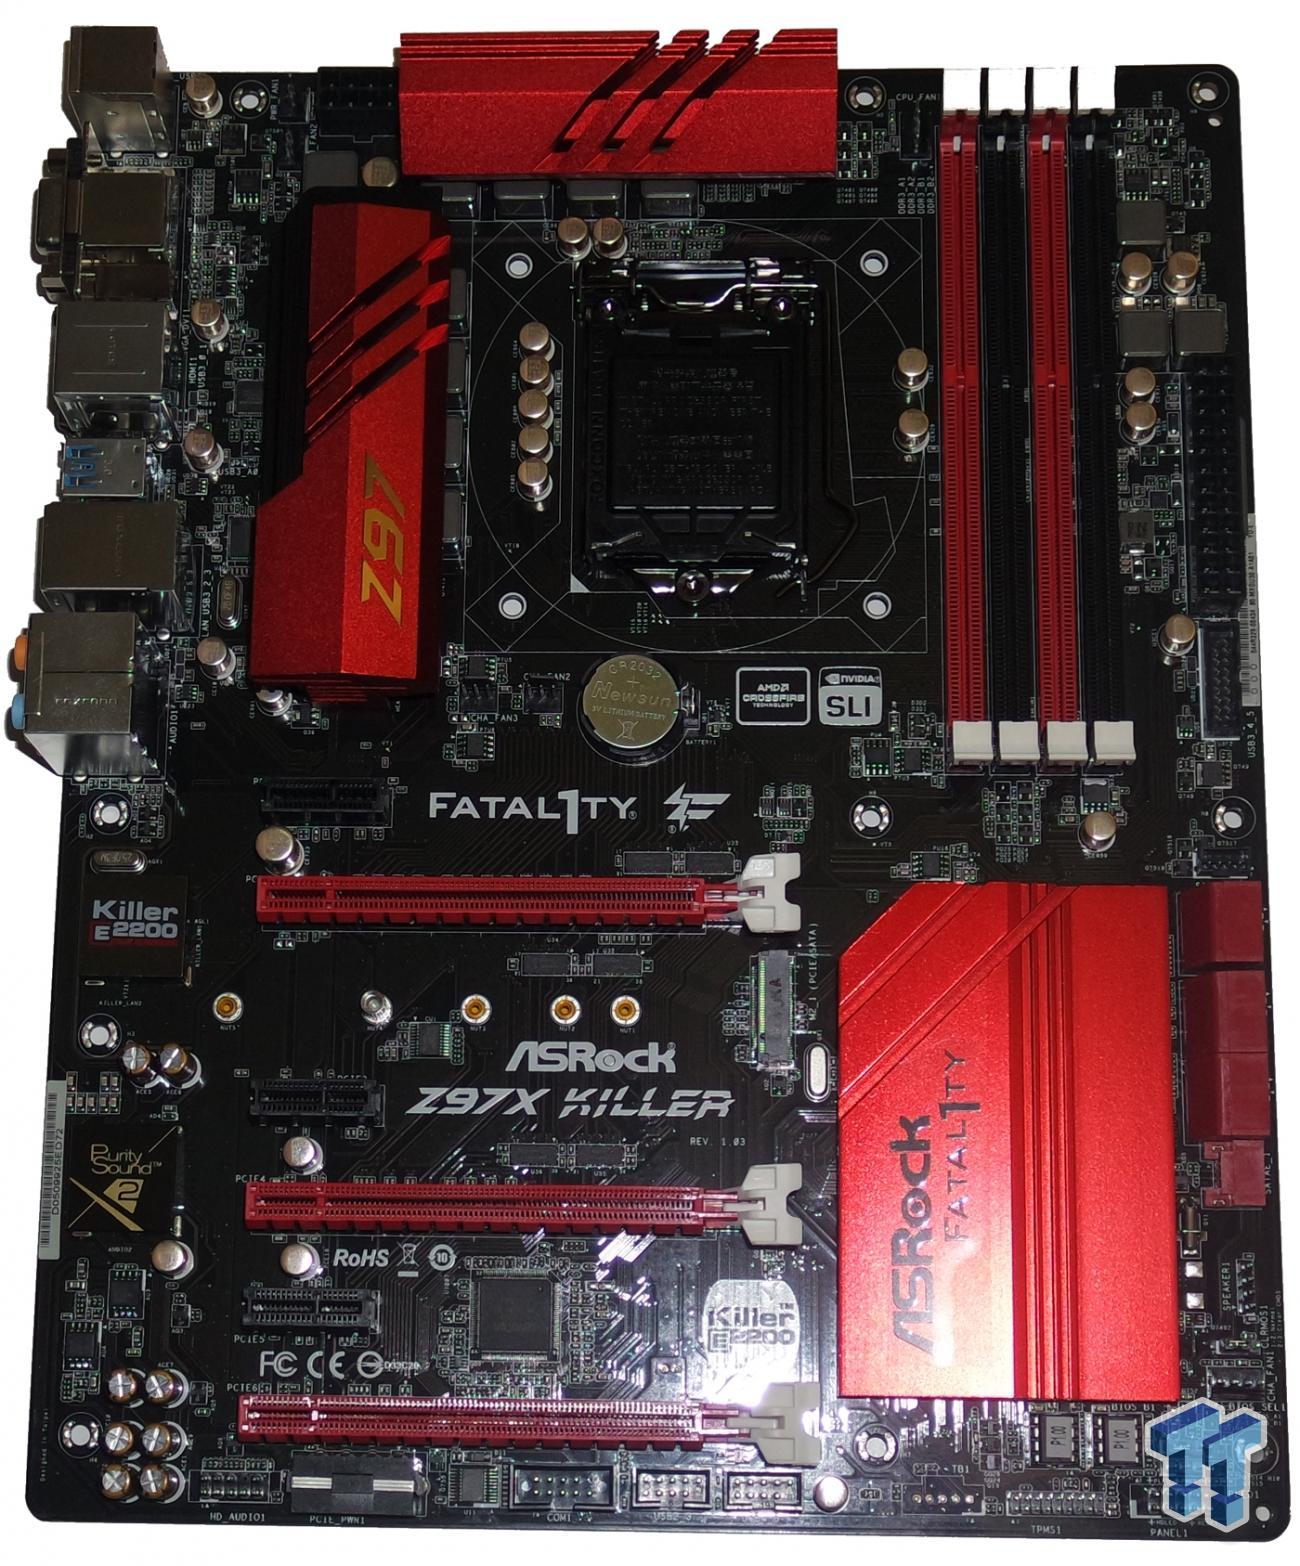 ASRock Z97X Fatal1ty Killer (Intel Z97) Motherboard Review